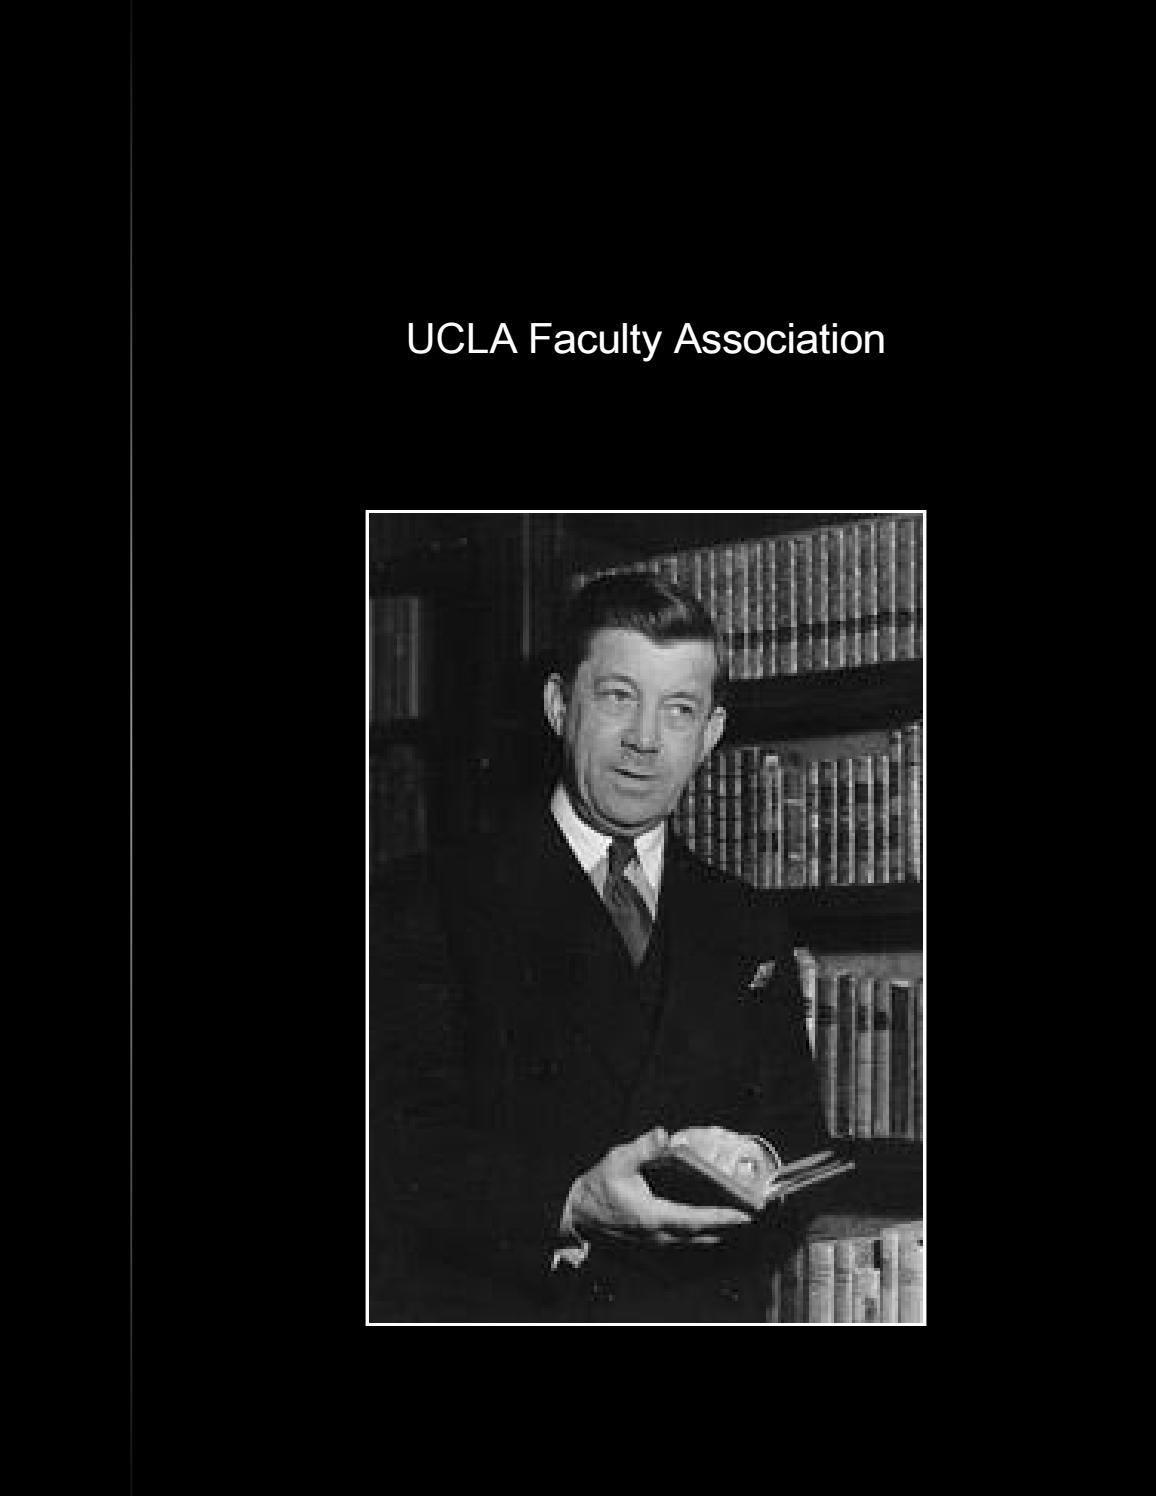 Ucla Academic Calendar 2022 23.Ucla Faculty Association Blog 3rd Quarter 2020 By Daniel J B Mitchell Issuu